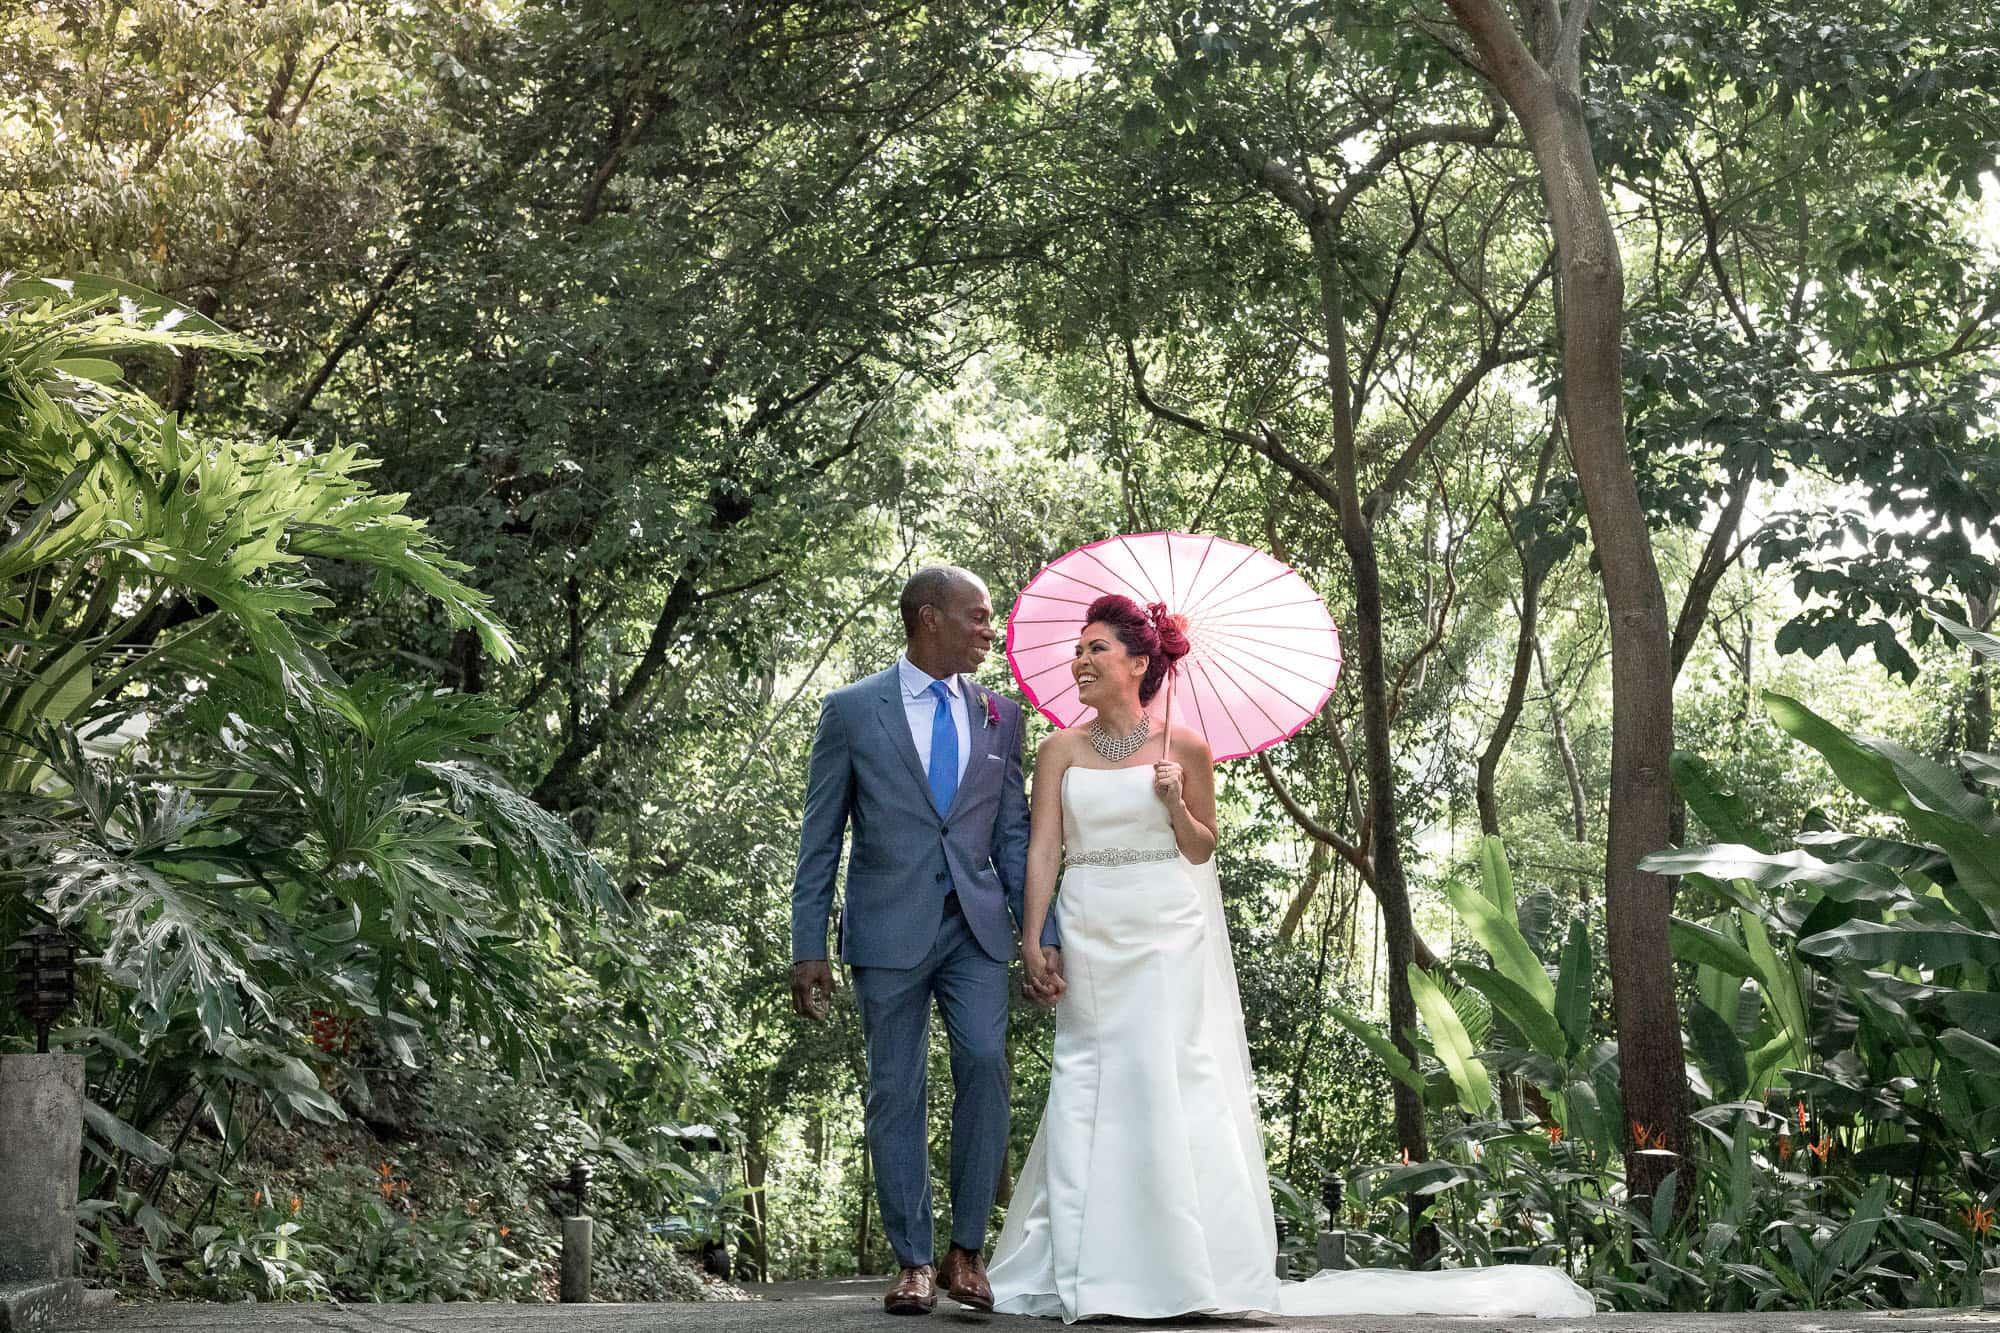 Wedding portrait with delicate pink parasol at Arenas del Mar